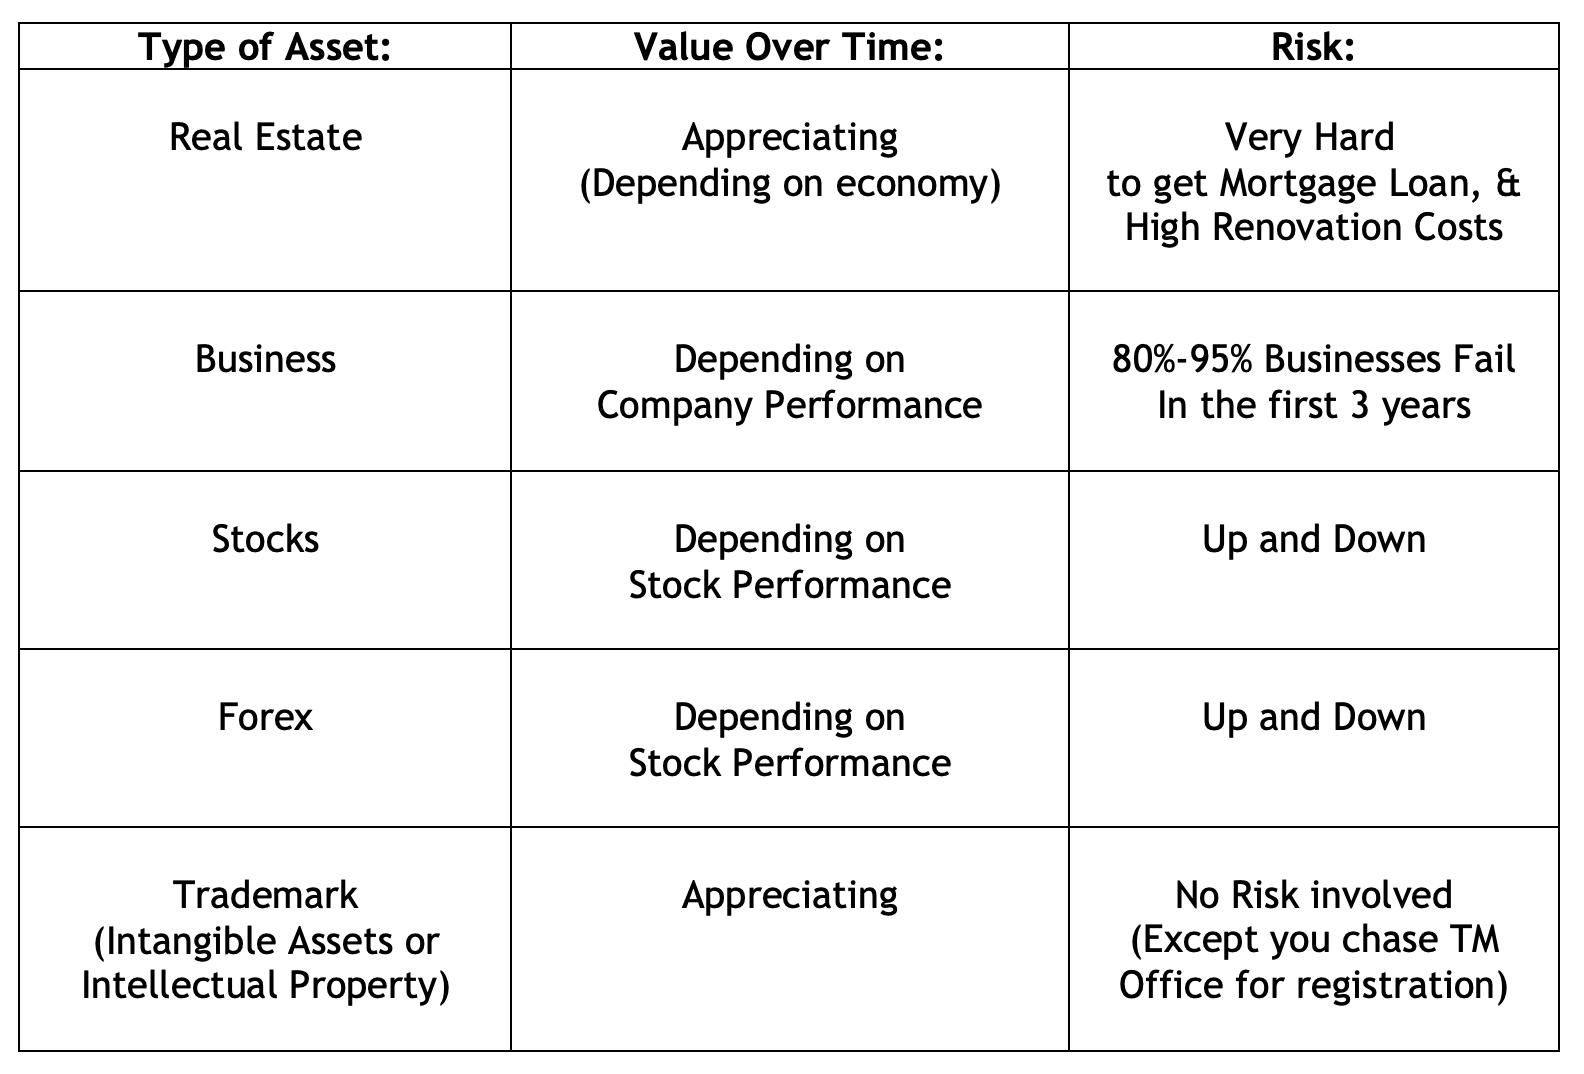 Trademark Risk